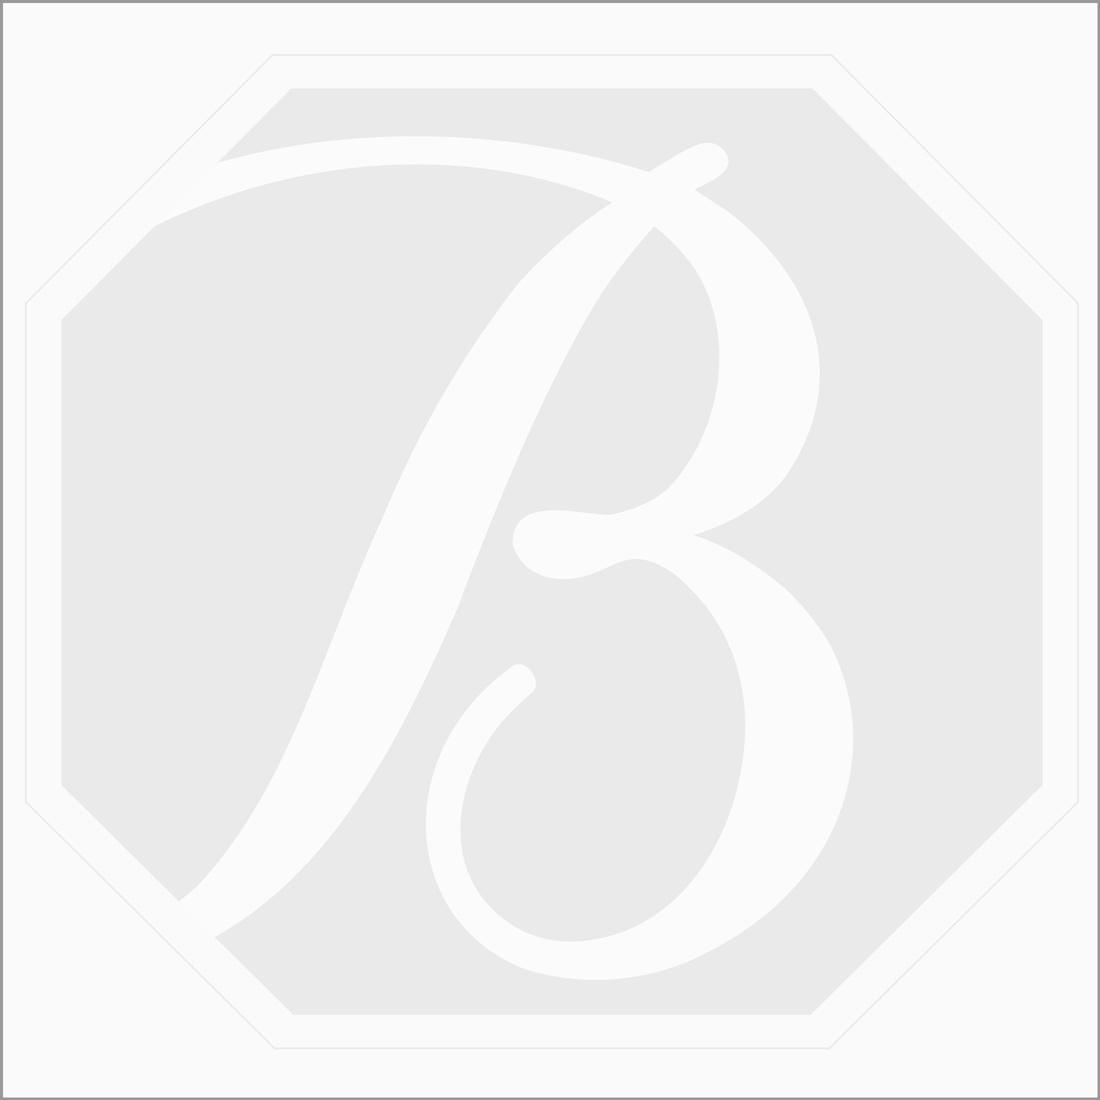 7 Pcs - 34.1 ct. - Green Tourmaline Rose Cut -11.5 x 10.6 x 4.4 mm to 14.5 x 10.8 x 3.3 mm (TRC1078)